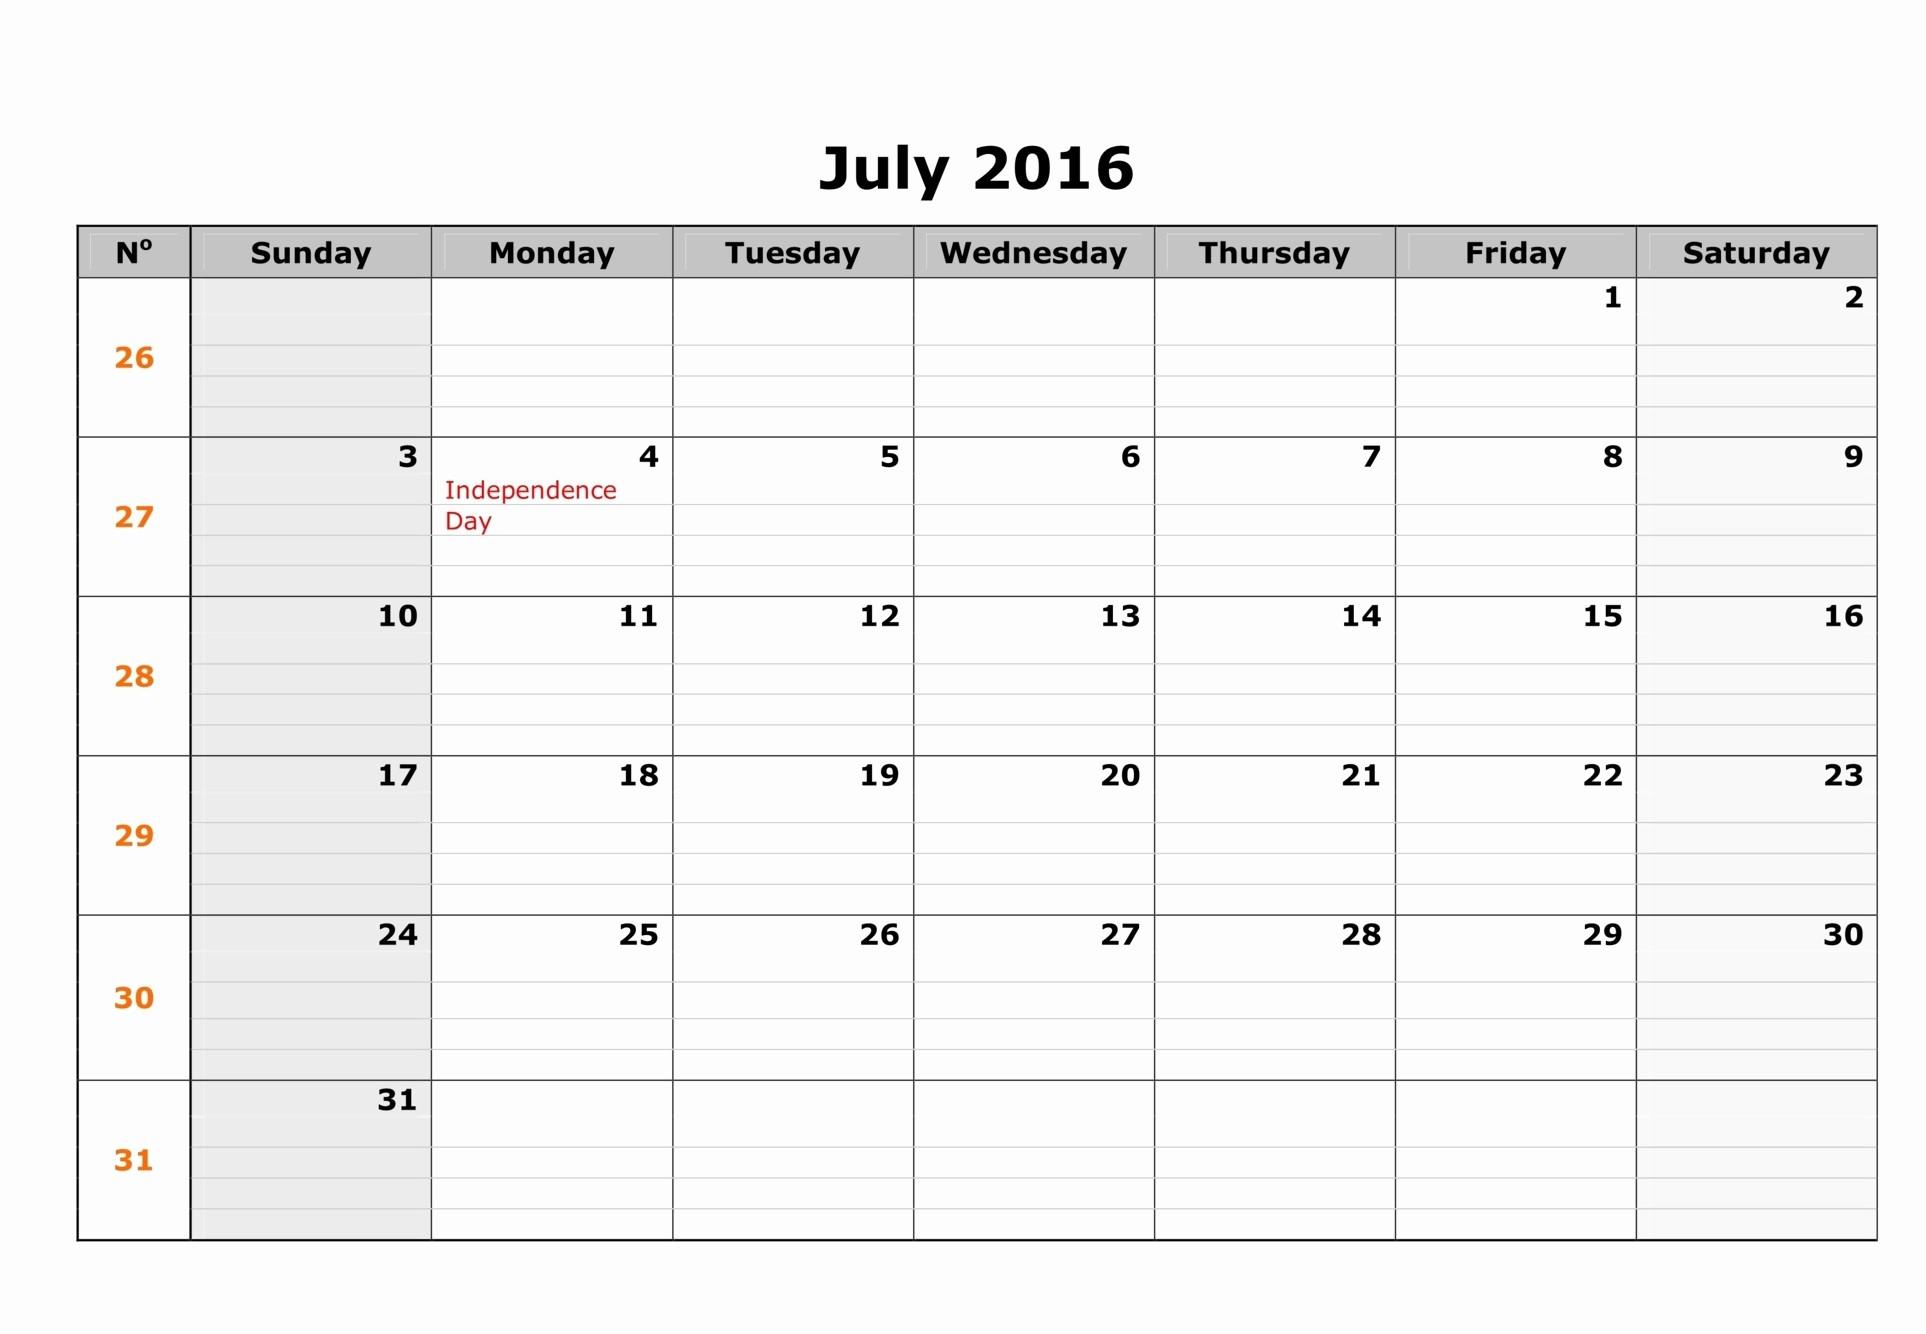 Free Printable Calendar 2016 Templates Luxury July 2016 Weekly Printable Calendar